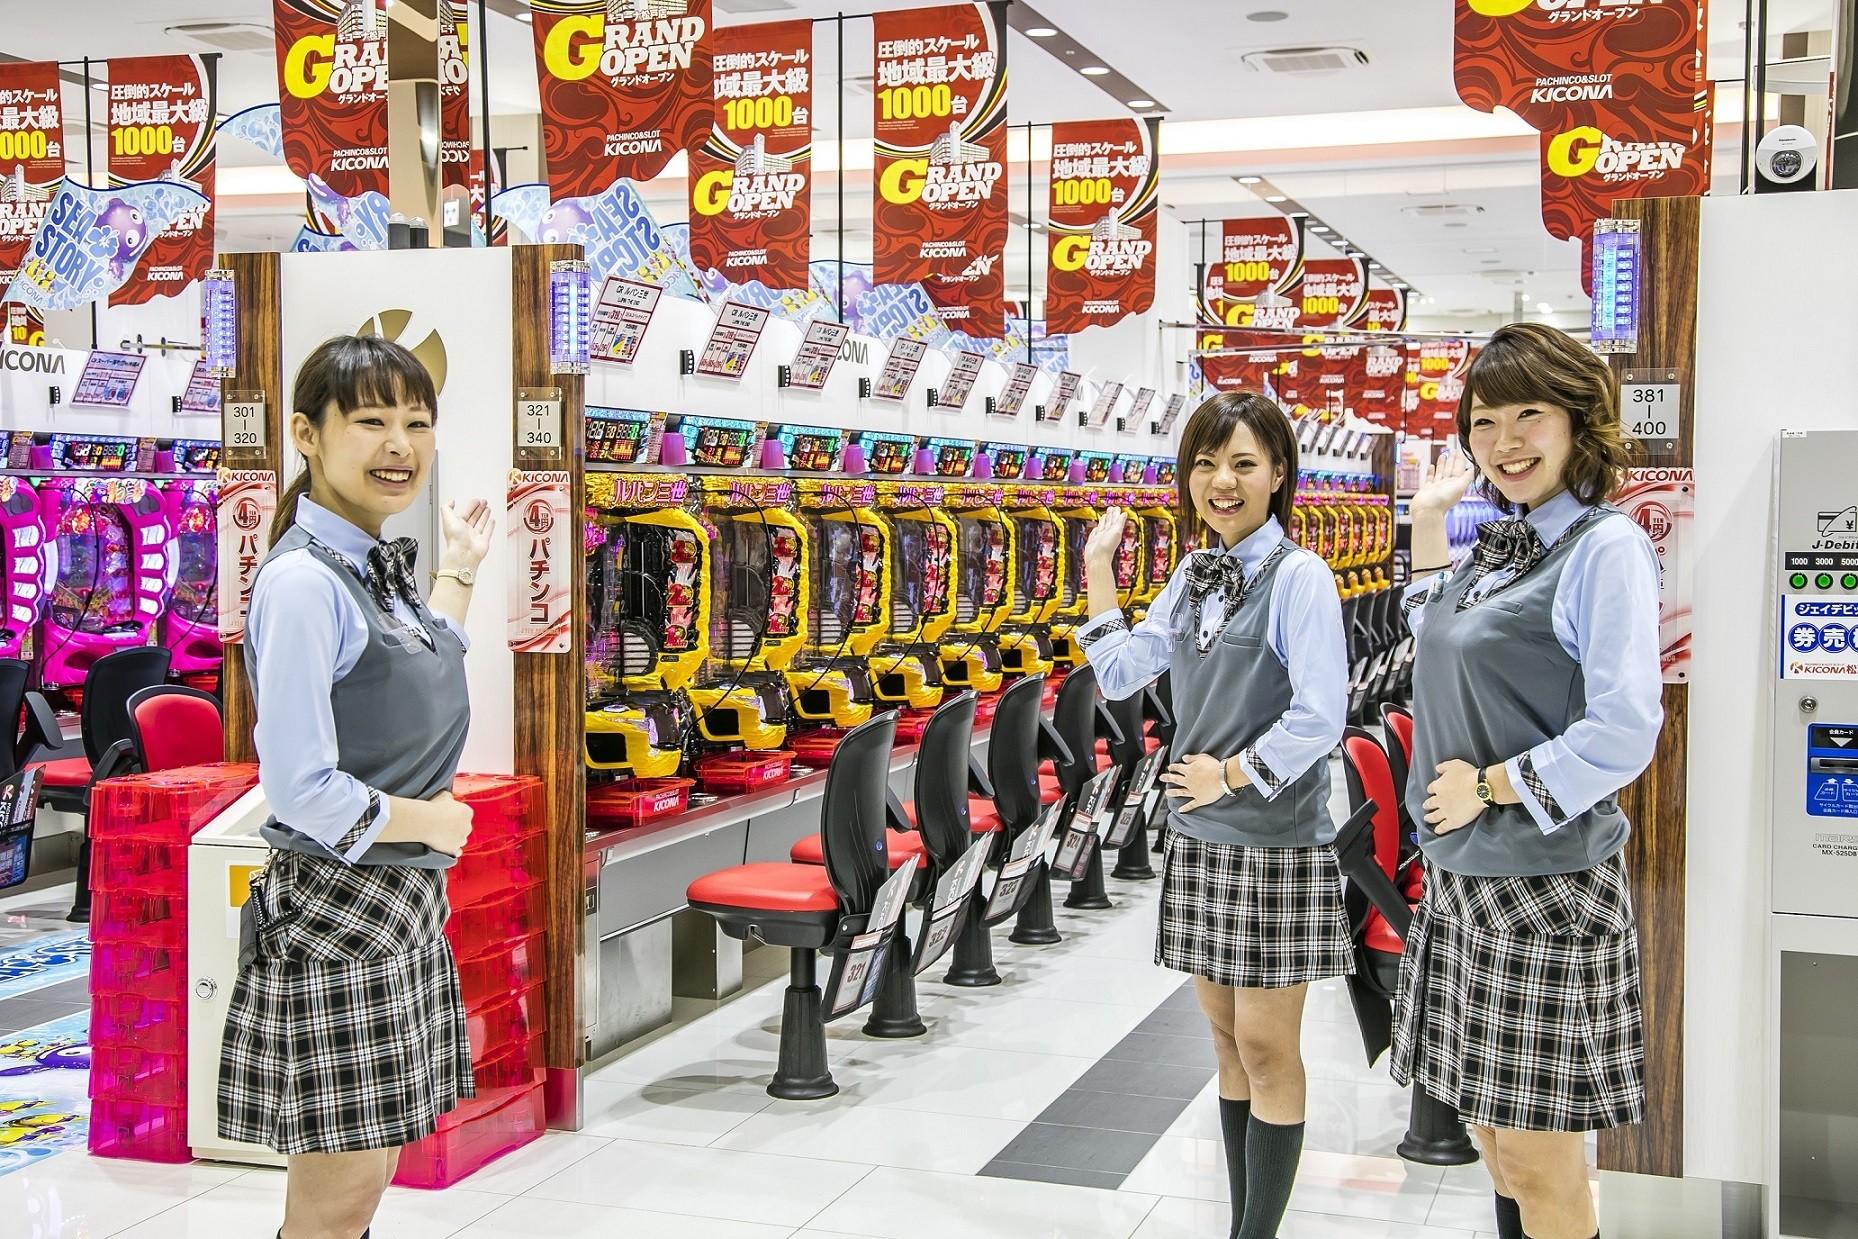 キコーナ 新宿三丁目店 のアルバイト情報